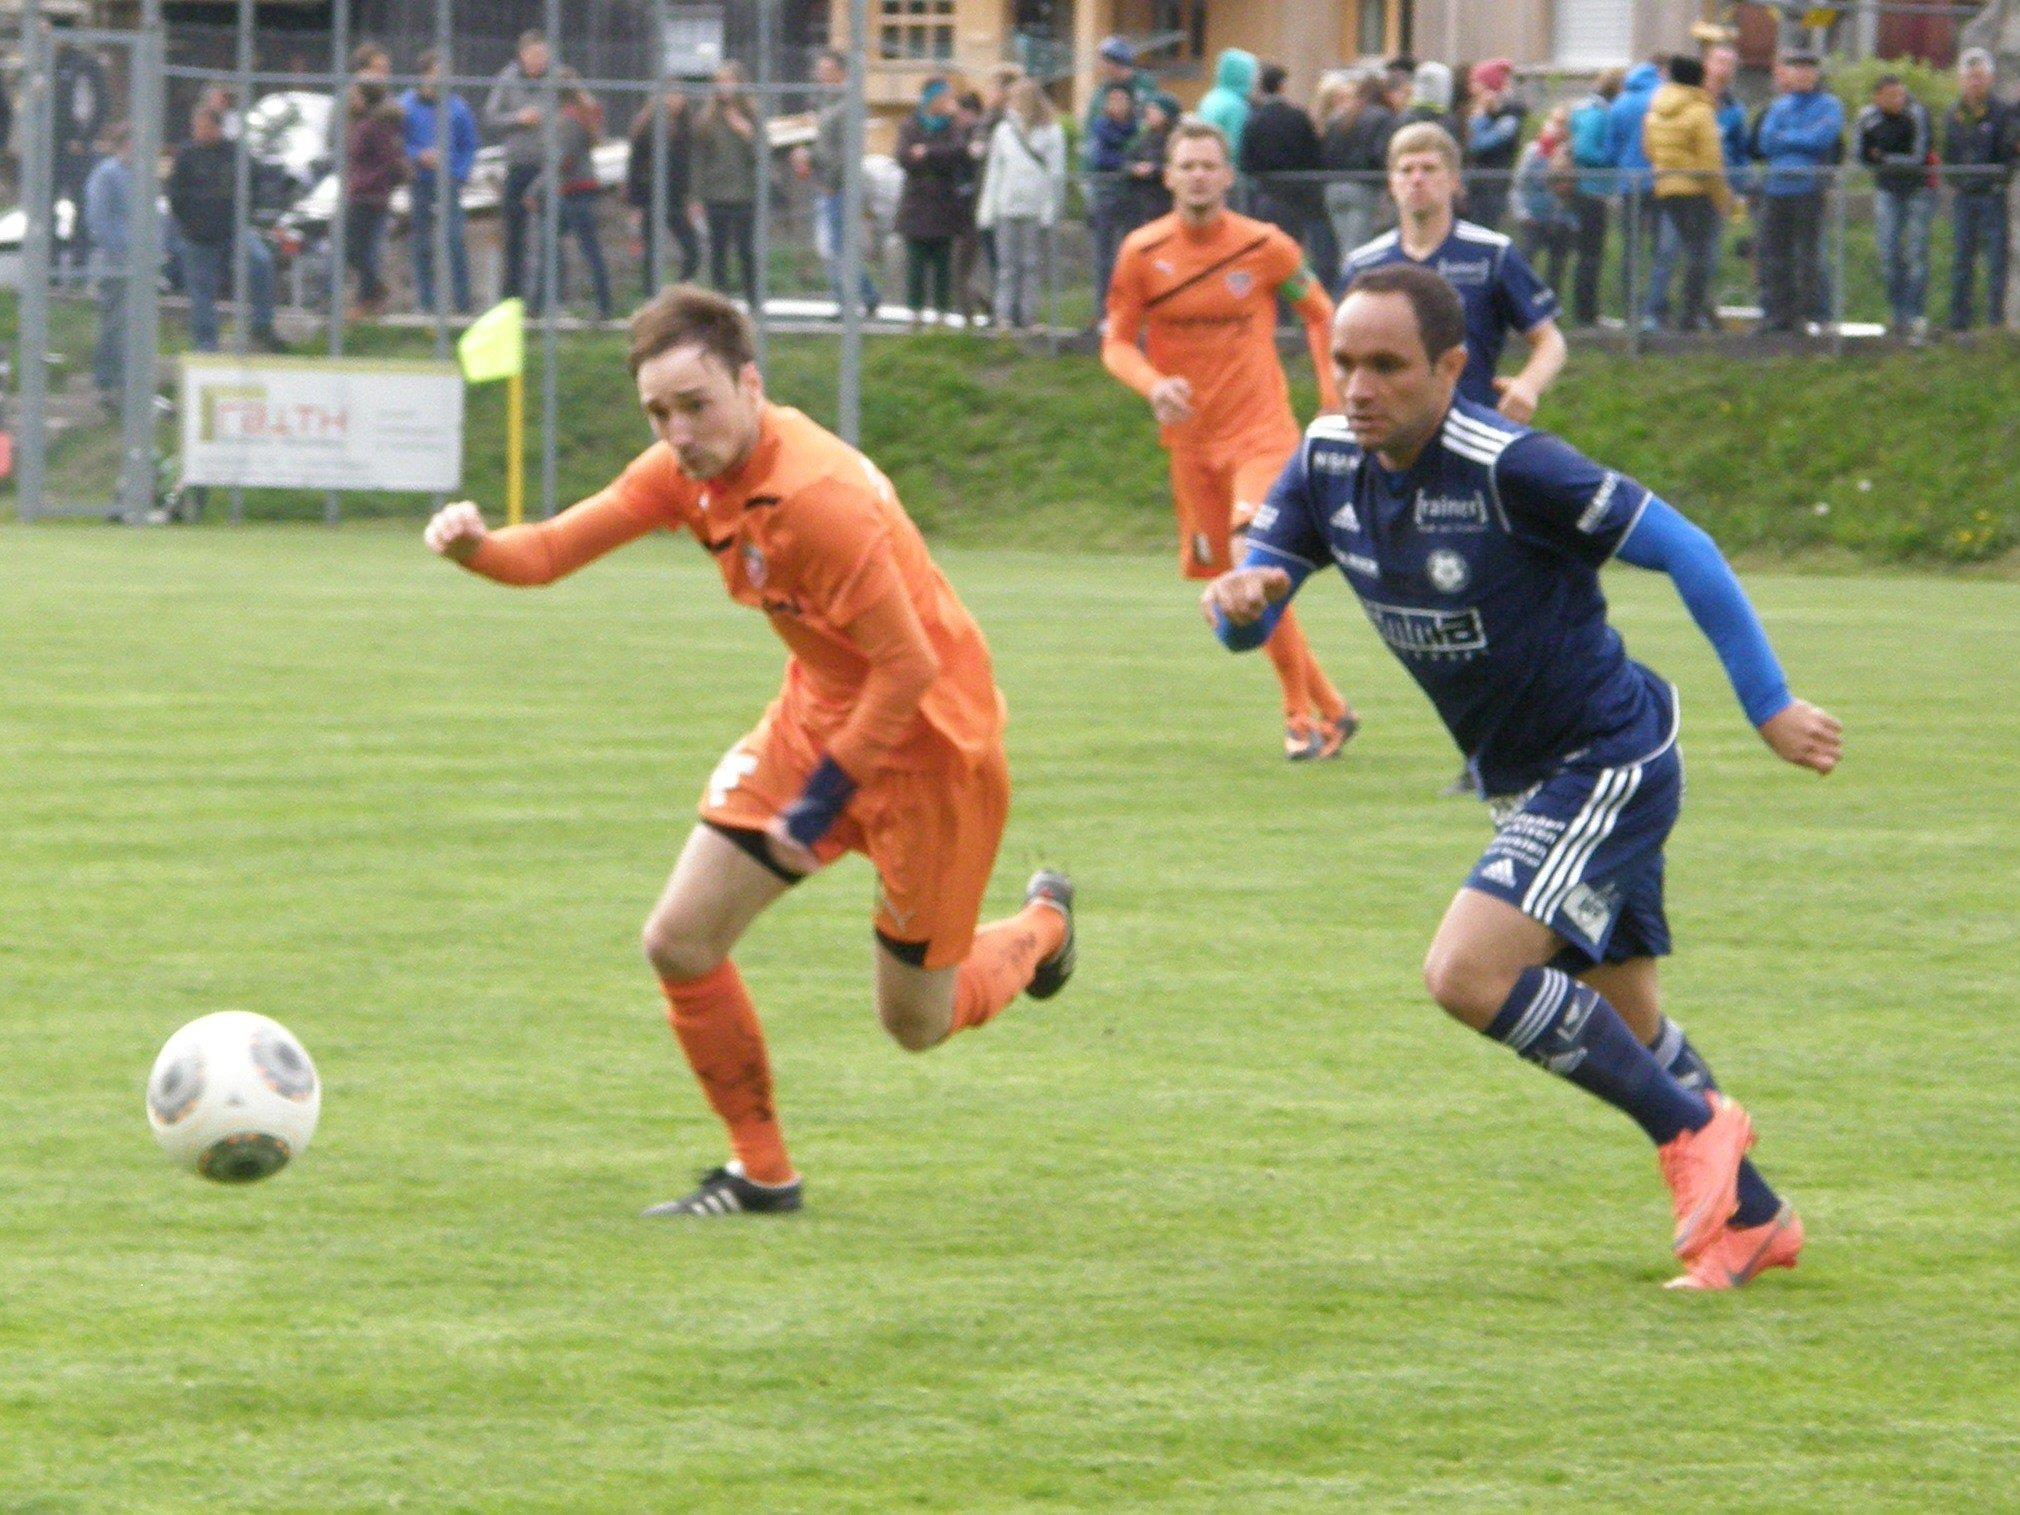 Der Bizauer Rene Schedler und Reinaldo Ribeiro vom FC Andelsbuch erhoffen sich Punkte für ihre Teams.